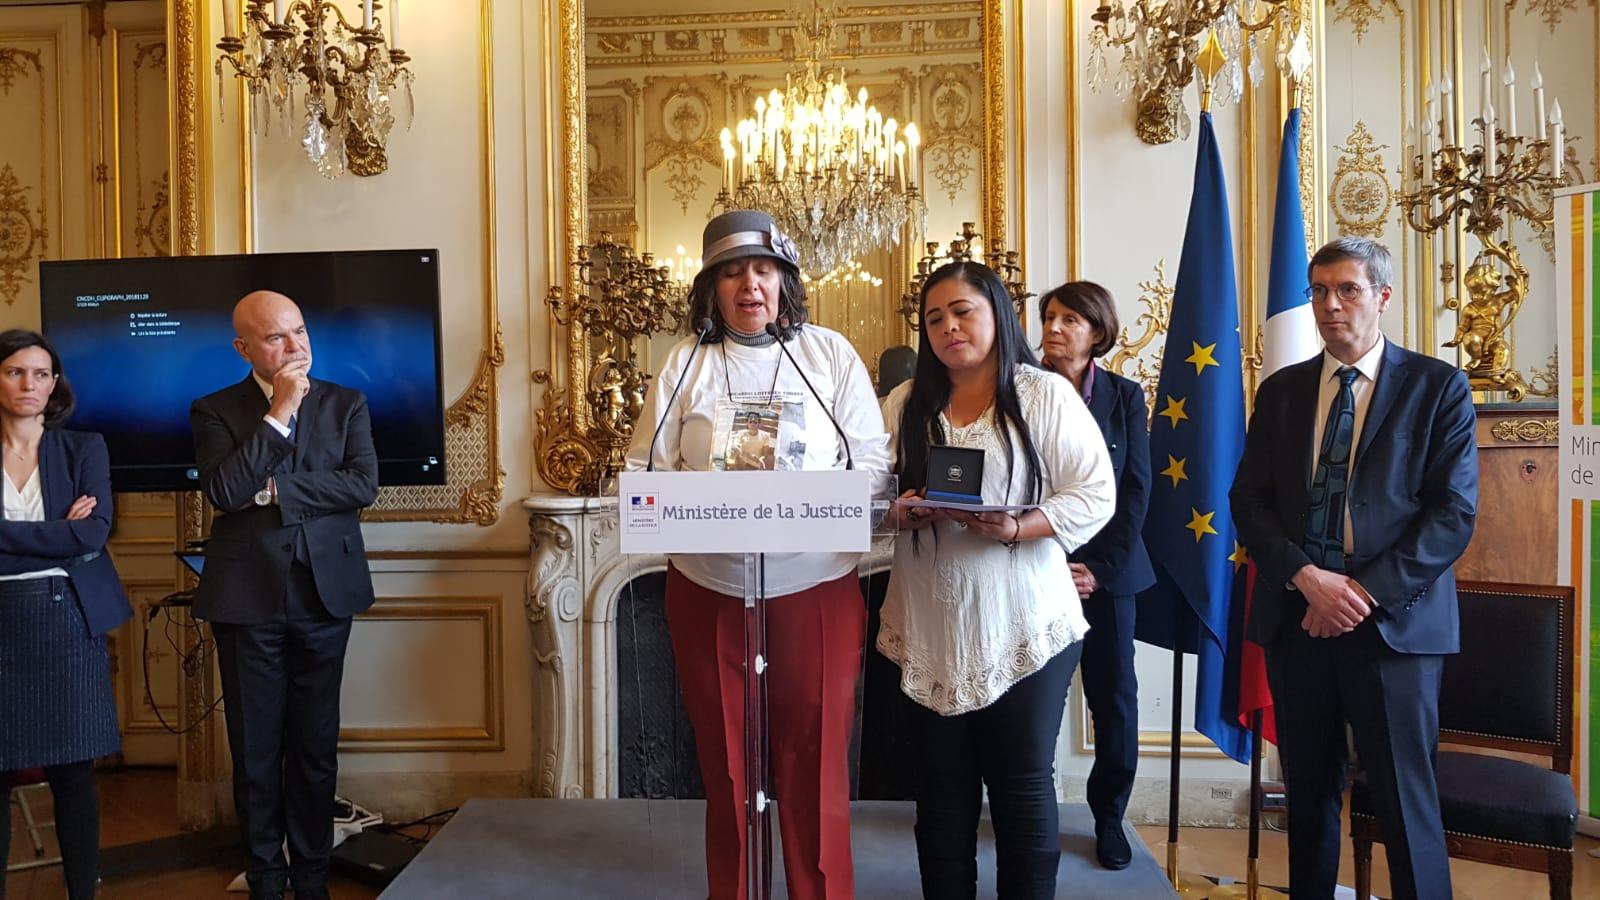 Gobierno francés entrega premio de DD.HH. al Movice